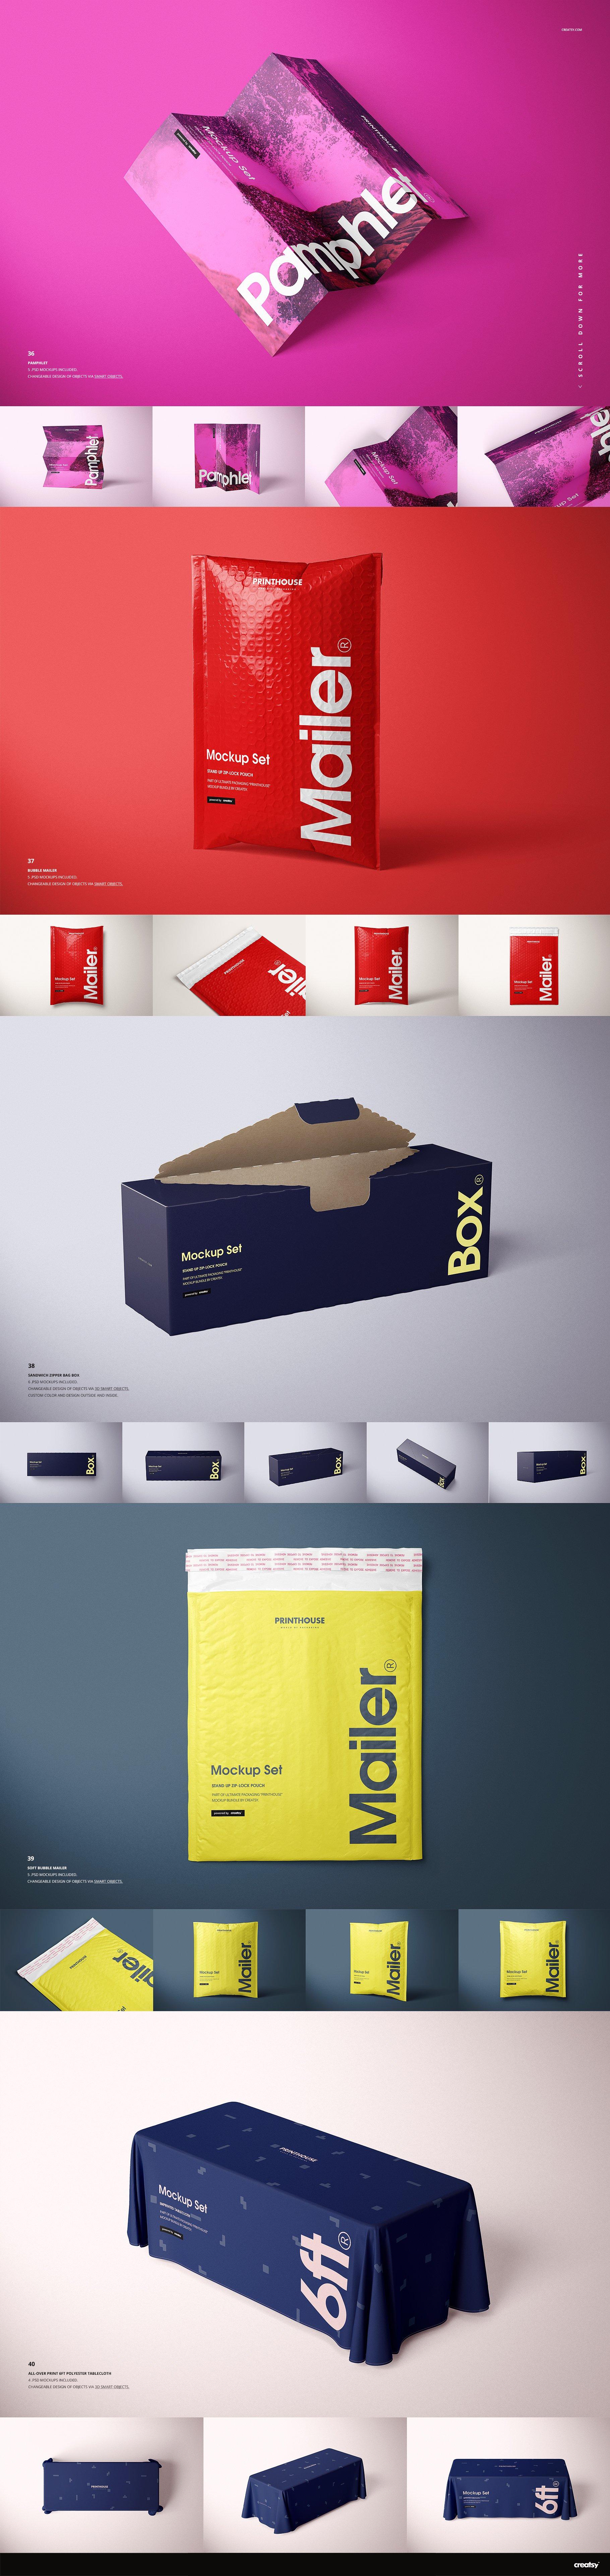 [淘宝购买] 273款时尚购物手提纸袋快递气泡塑料袋纸箱设计贴图PSD样机 Printhouse Mockups Bundle v.1插图(12)